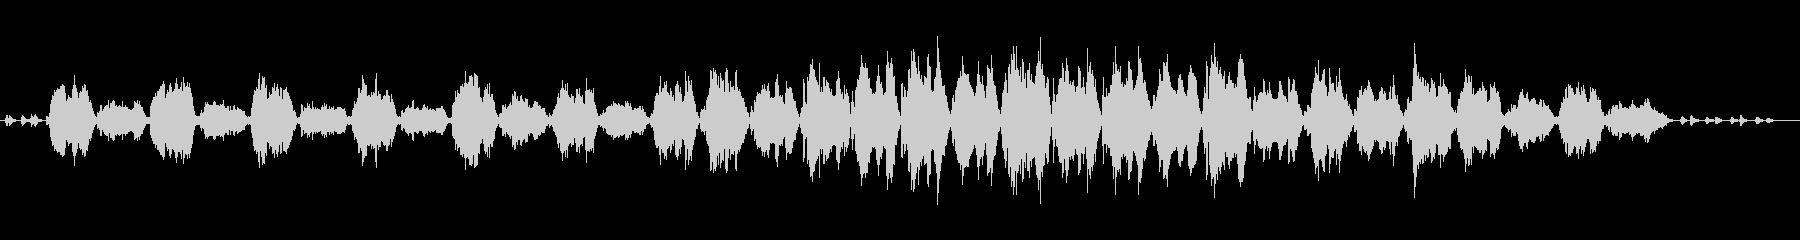 ゆっくりおおらかな曲の未再生の波形